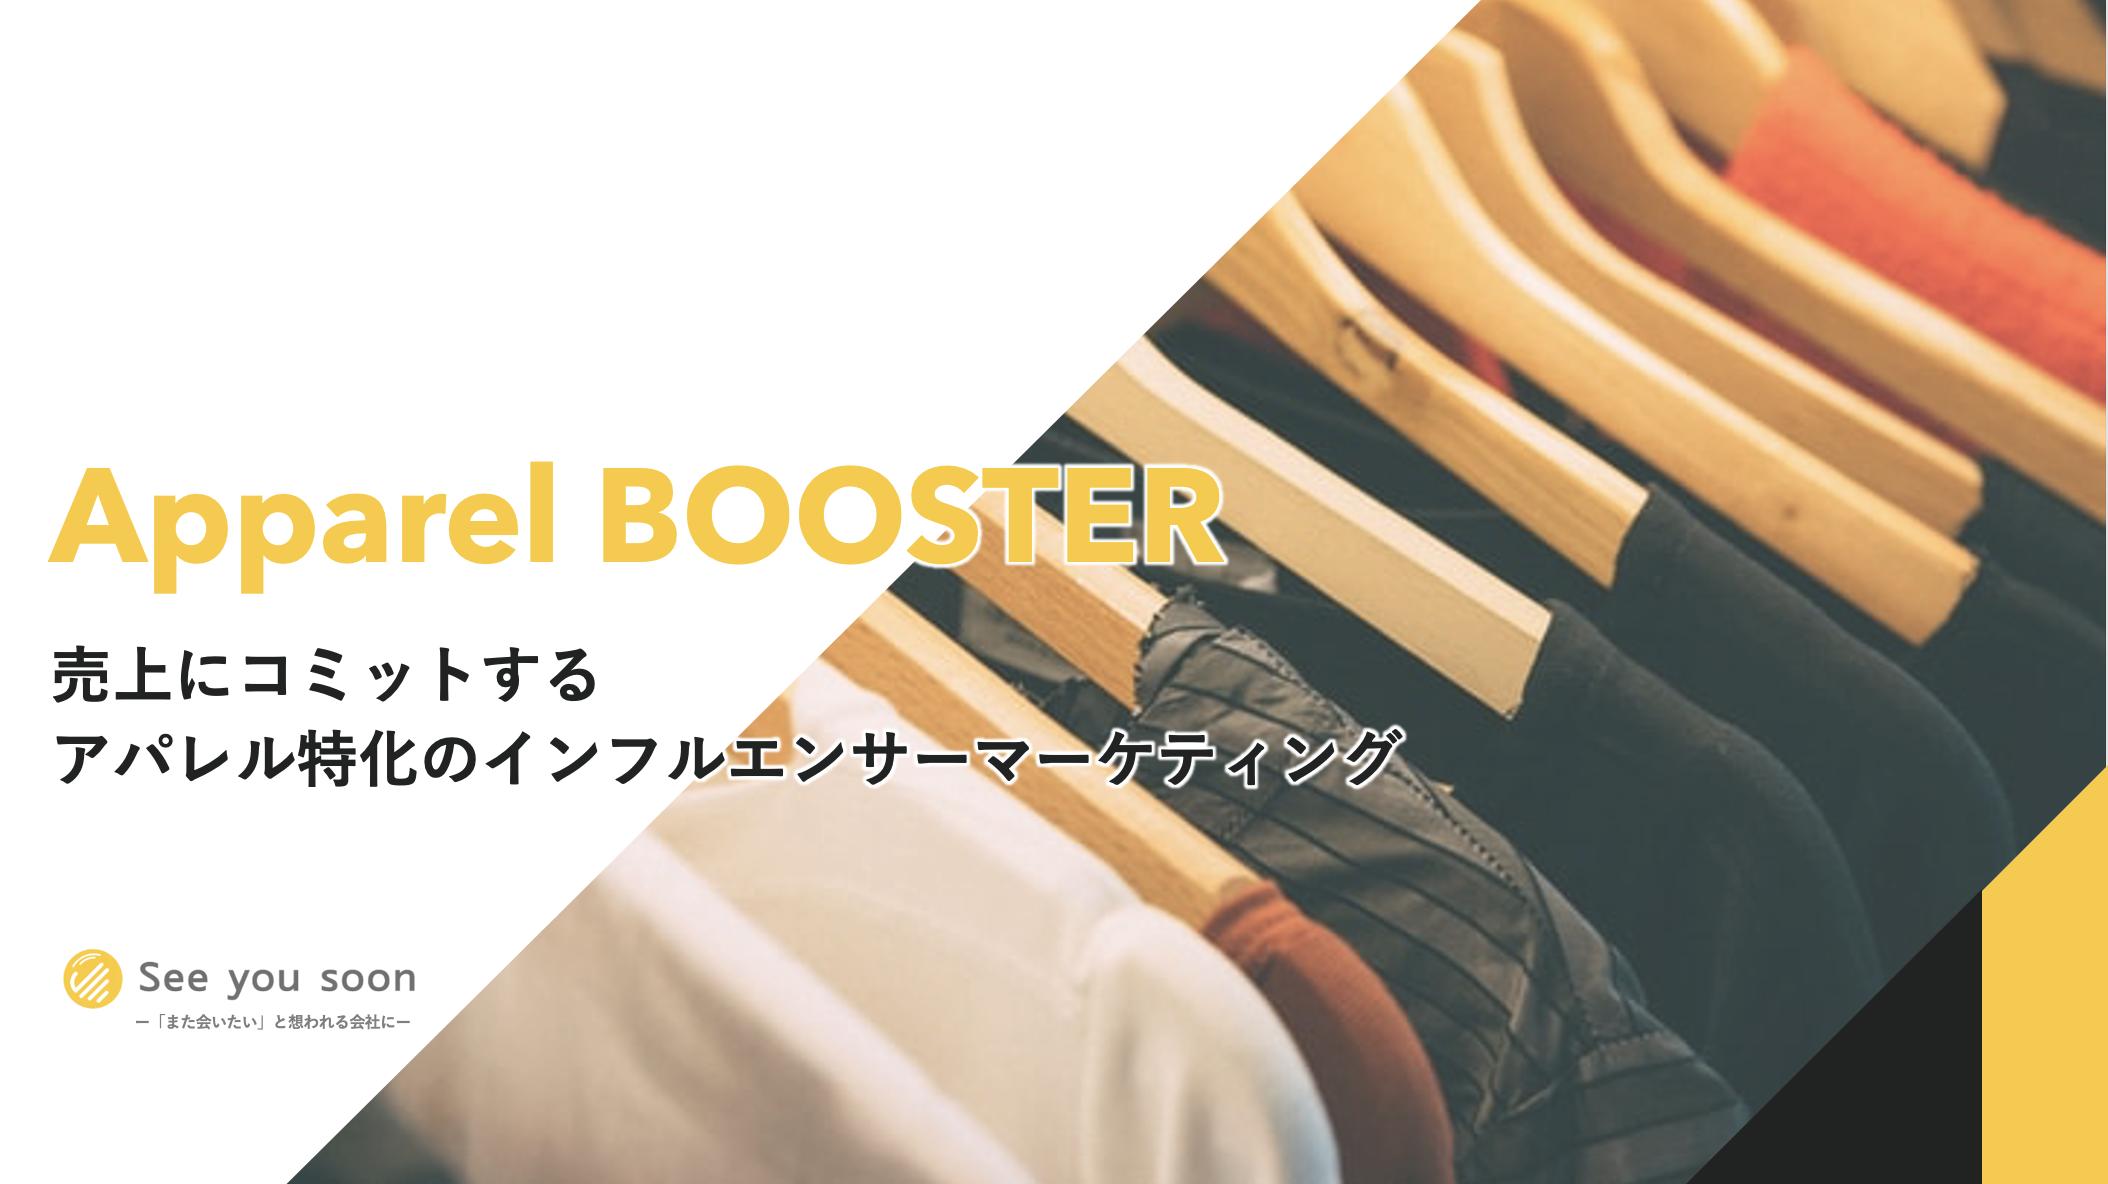 売上にコミットするアパレル特化のインフルエンサーマーケティングパッケージ「Apparel BOOSTER」の提供を開始